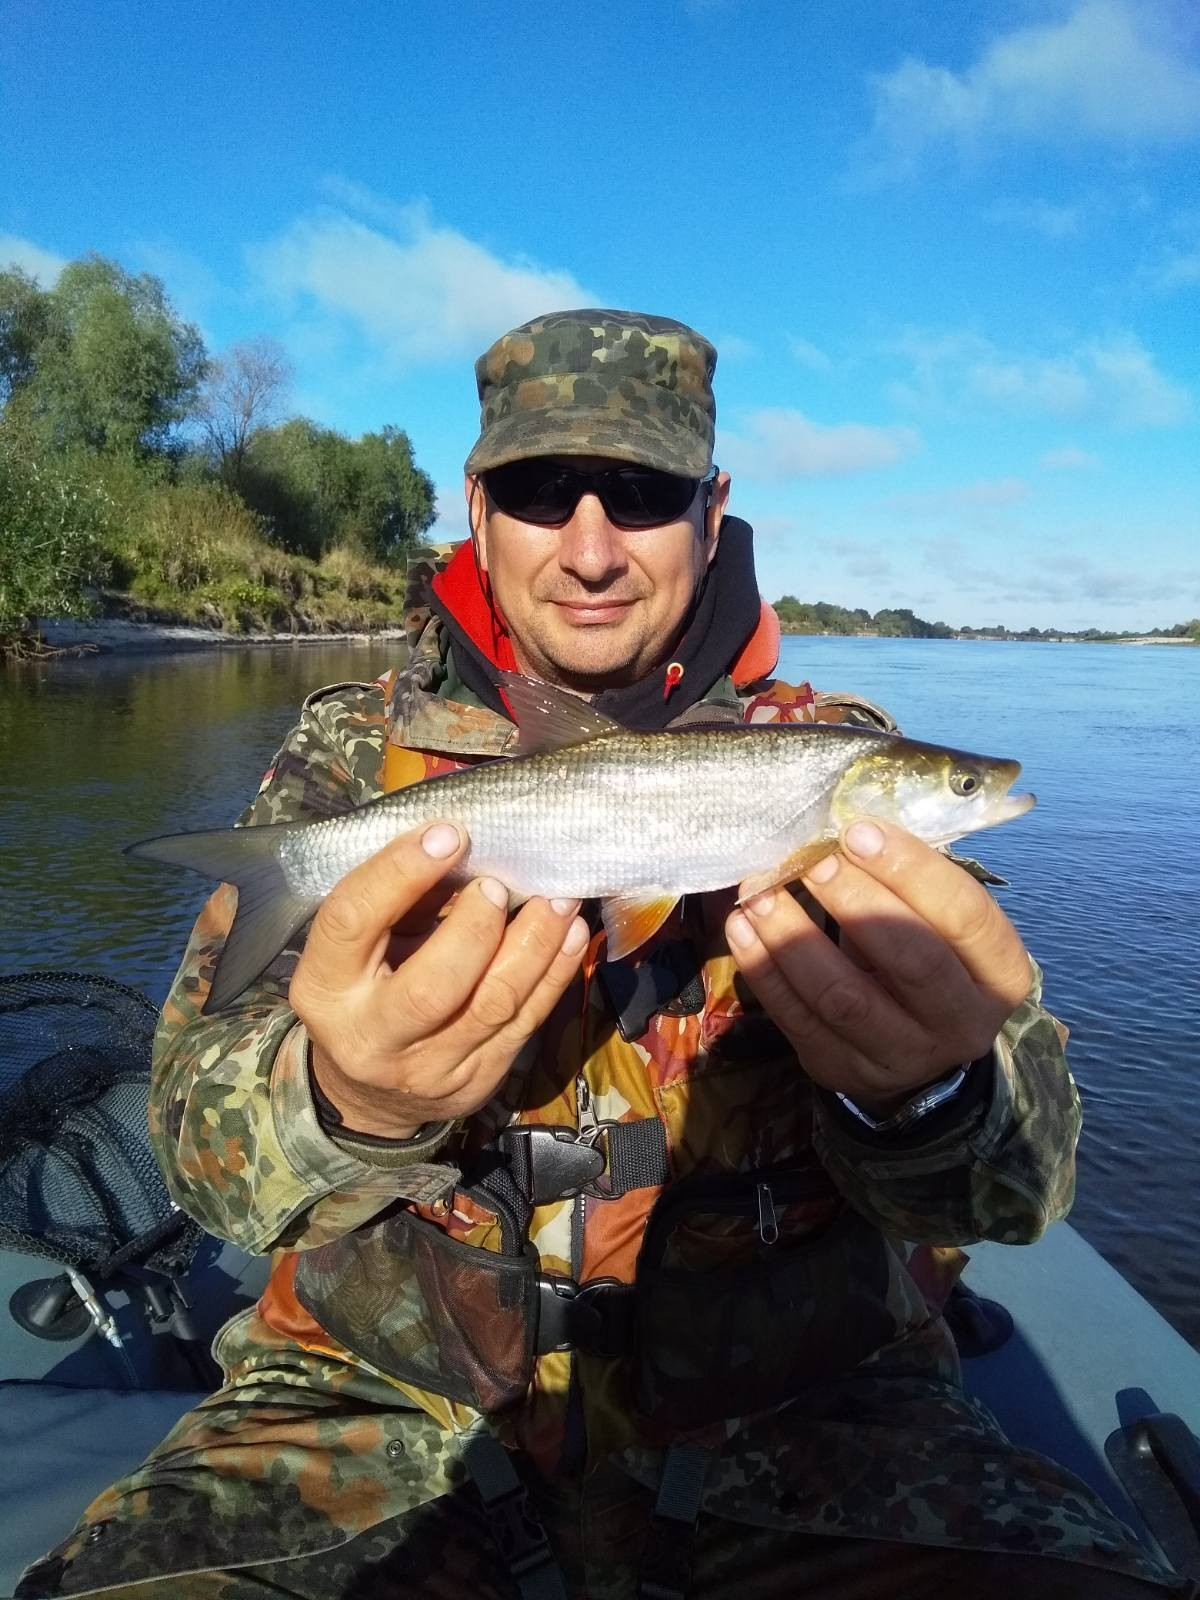 Вот и очередные три дня выходных. По плану ...   Отчеты о рыбалке в Беларуси